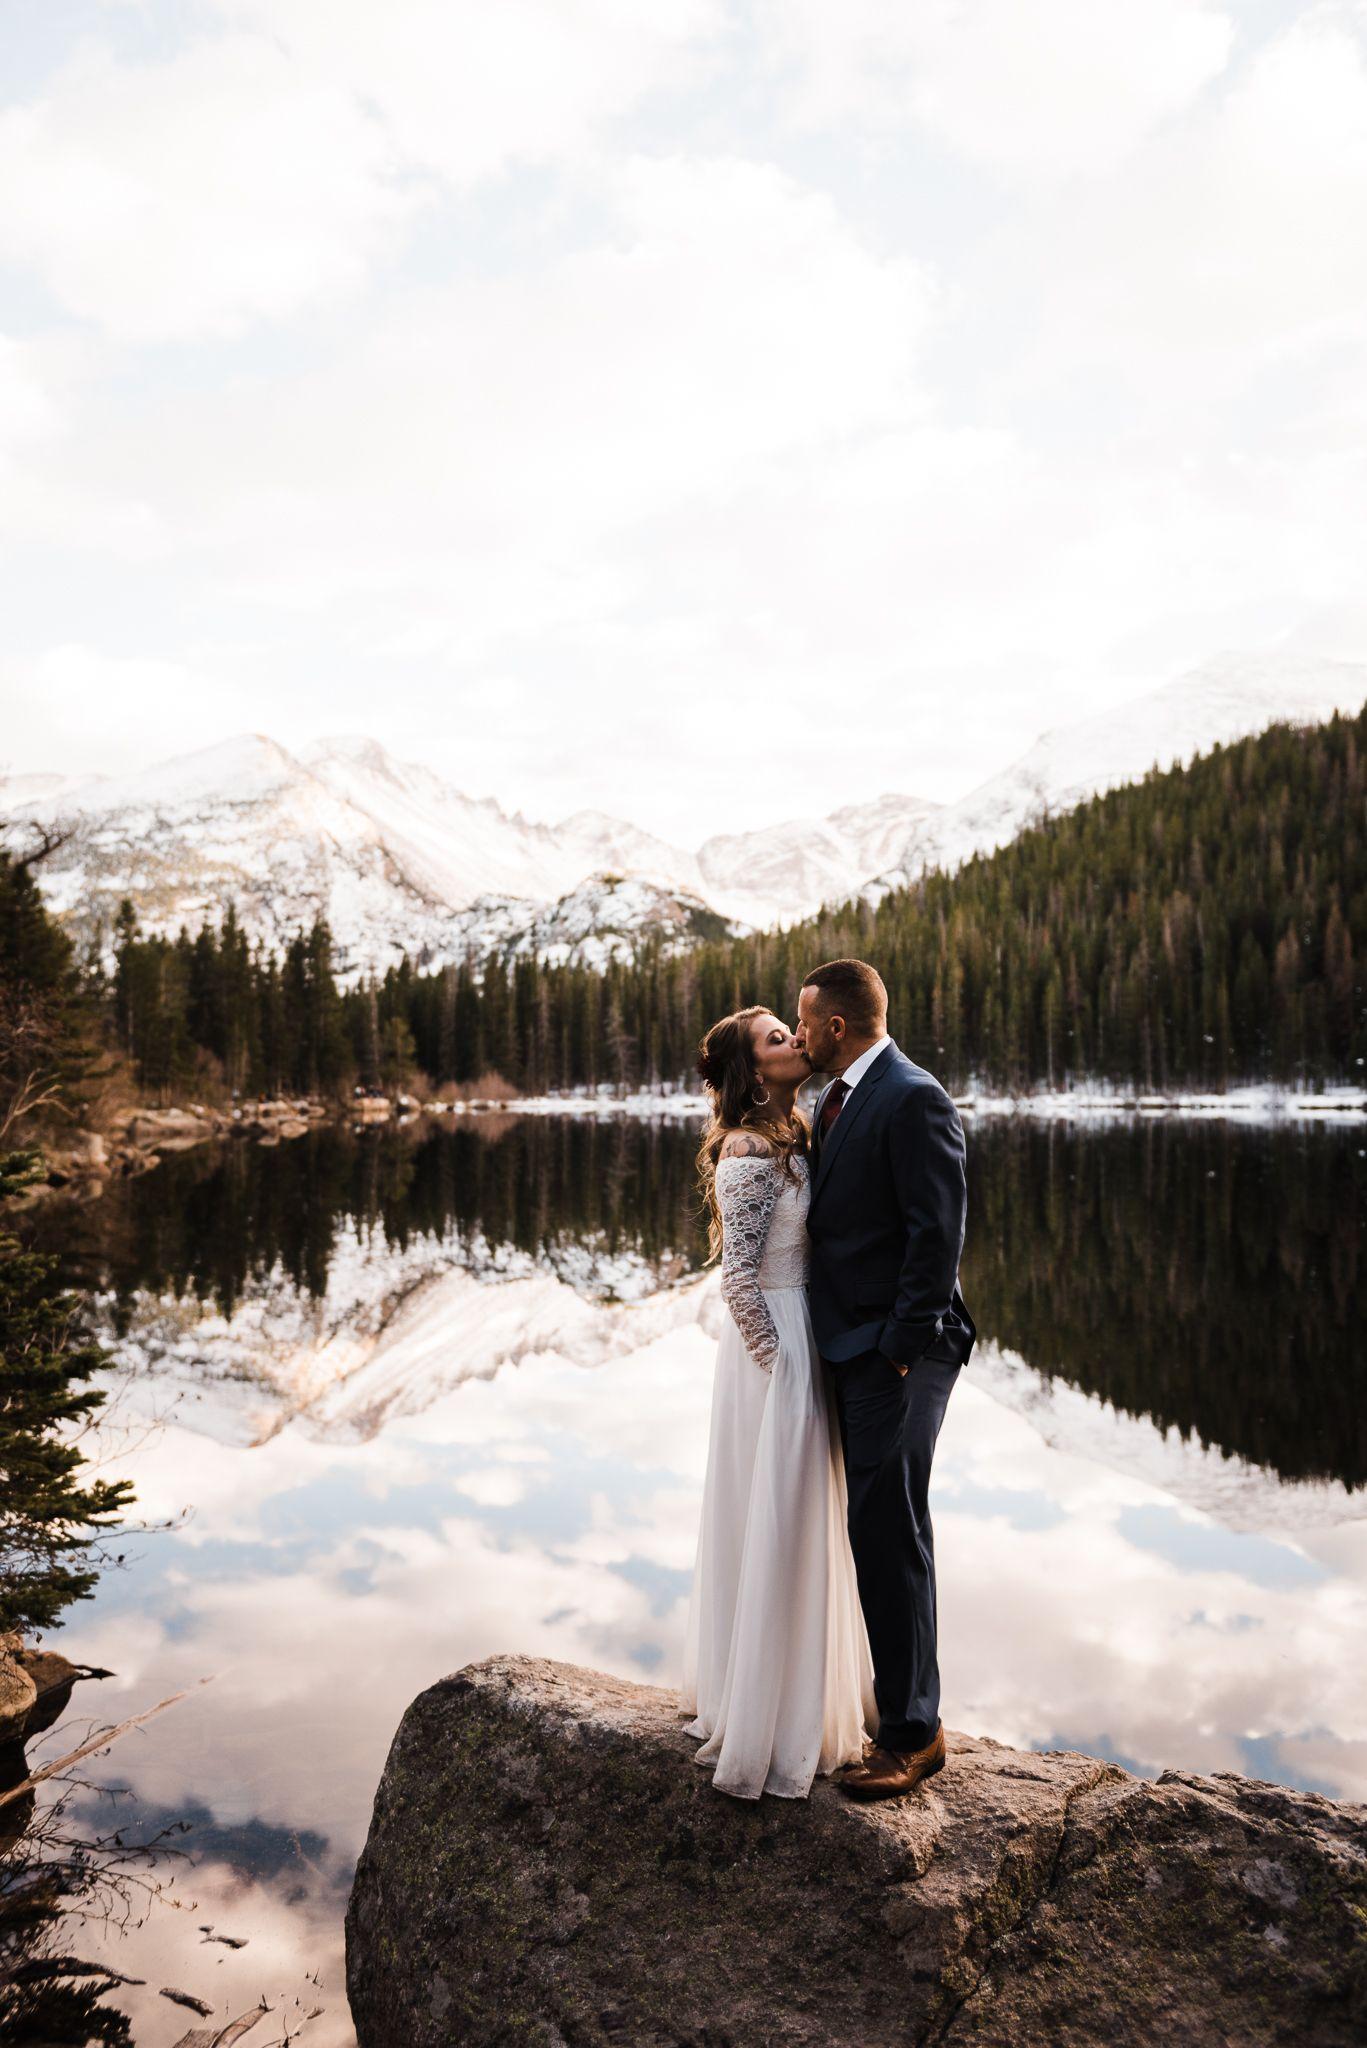 Colorado Elopement Packages Elope In Colorado The Easy Way Mountain Wedding Colorado Colorado Elopement Alaska Wedding